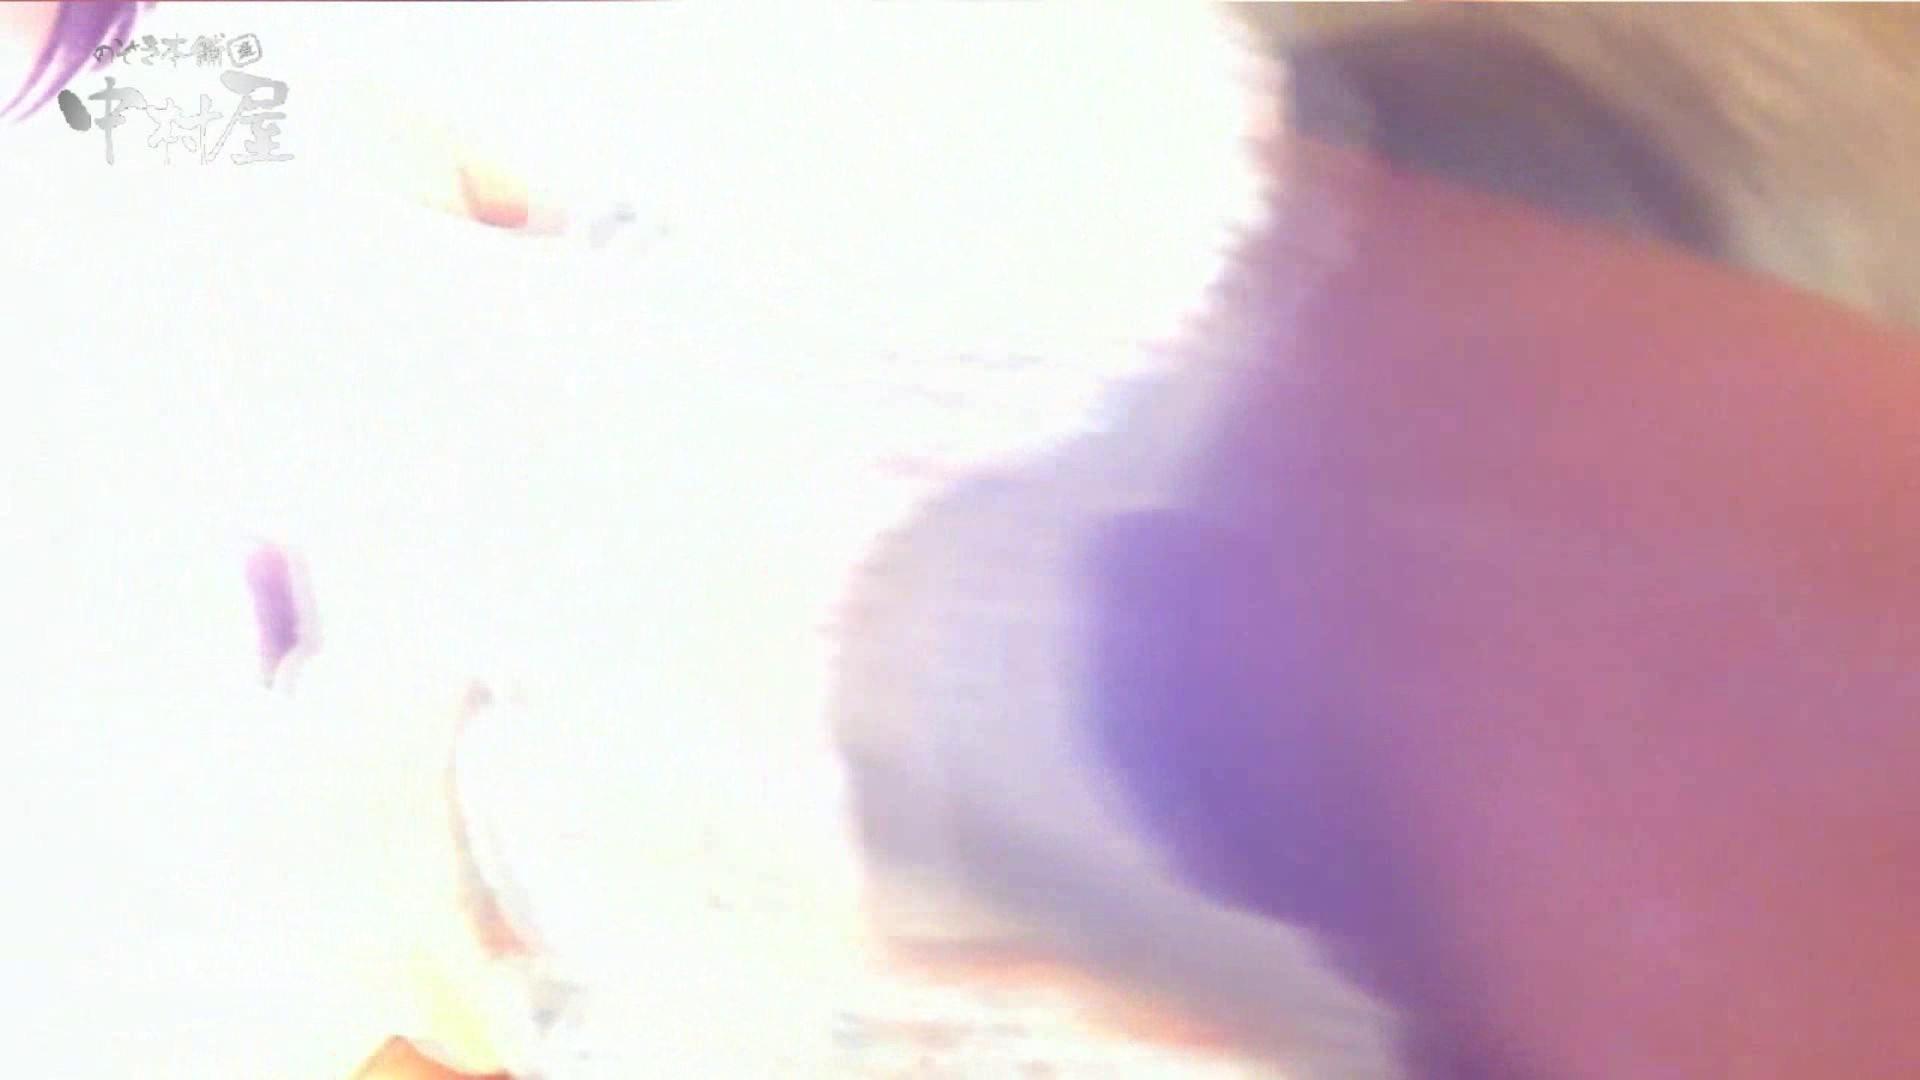 vol.69 美人アパレル胸チラ&パンチラ ストライプパンツみっけ! パンチラ  112PIX 92